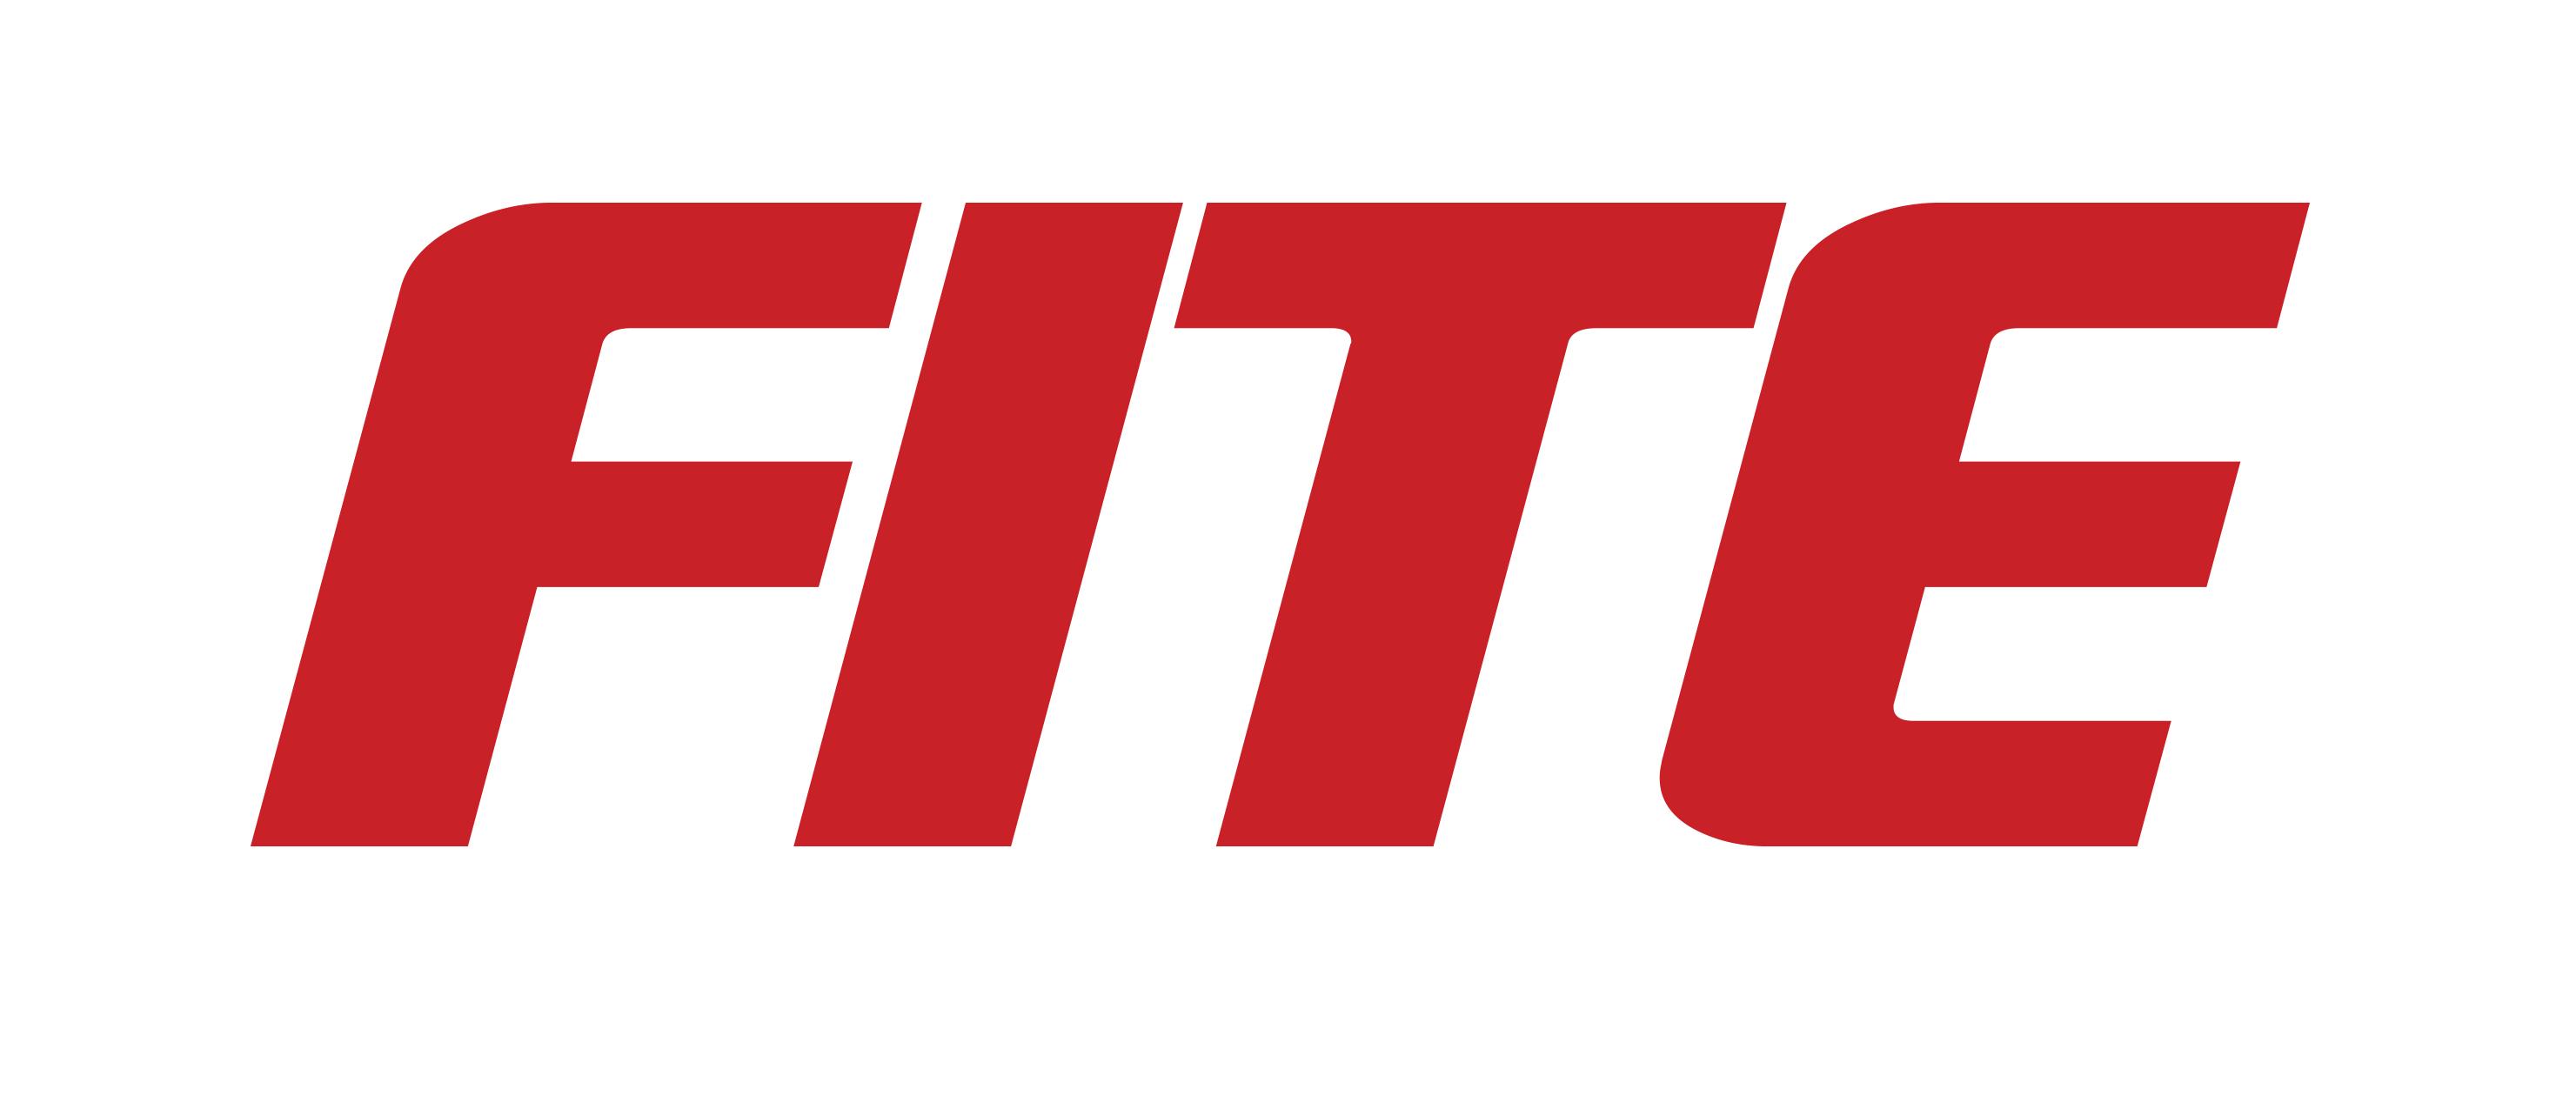 MATCHROOM BOXING USA y FITE Re-Team para el evento Paul vs. Gib - Precio internacional especial para compradores de Paul-KSI 2 en FITE